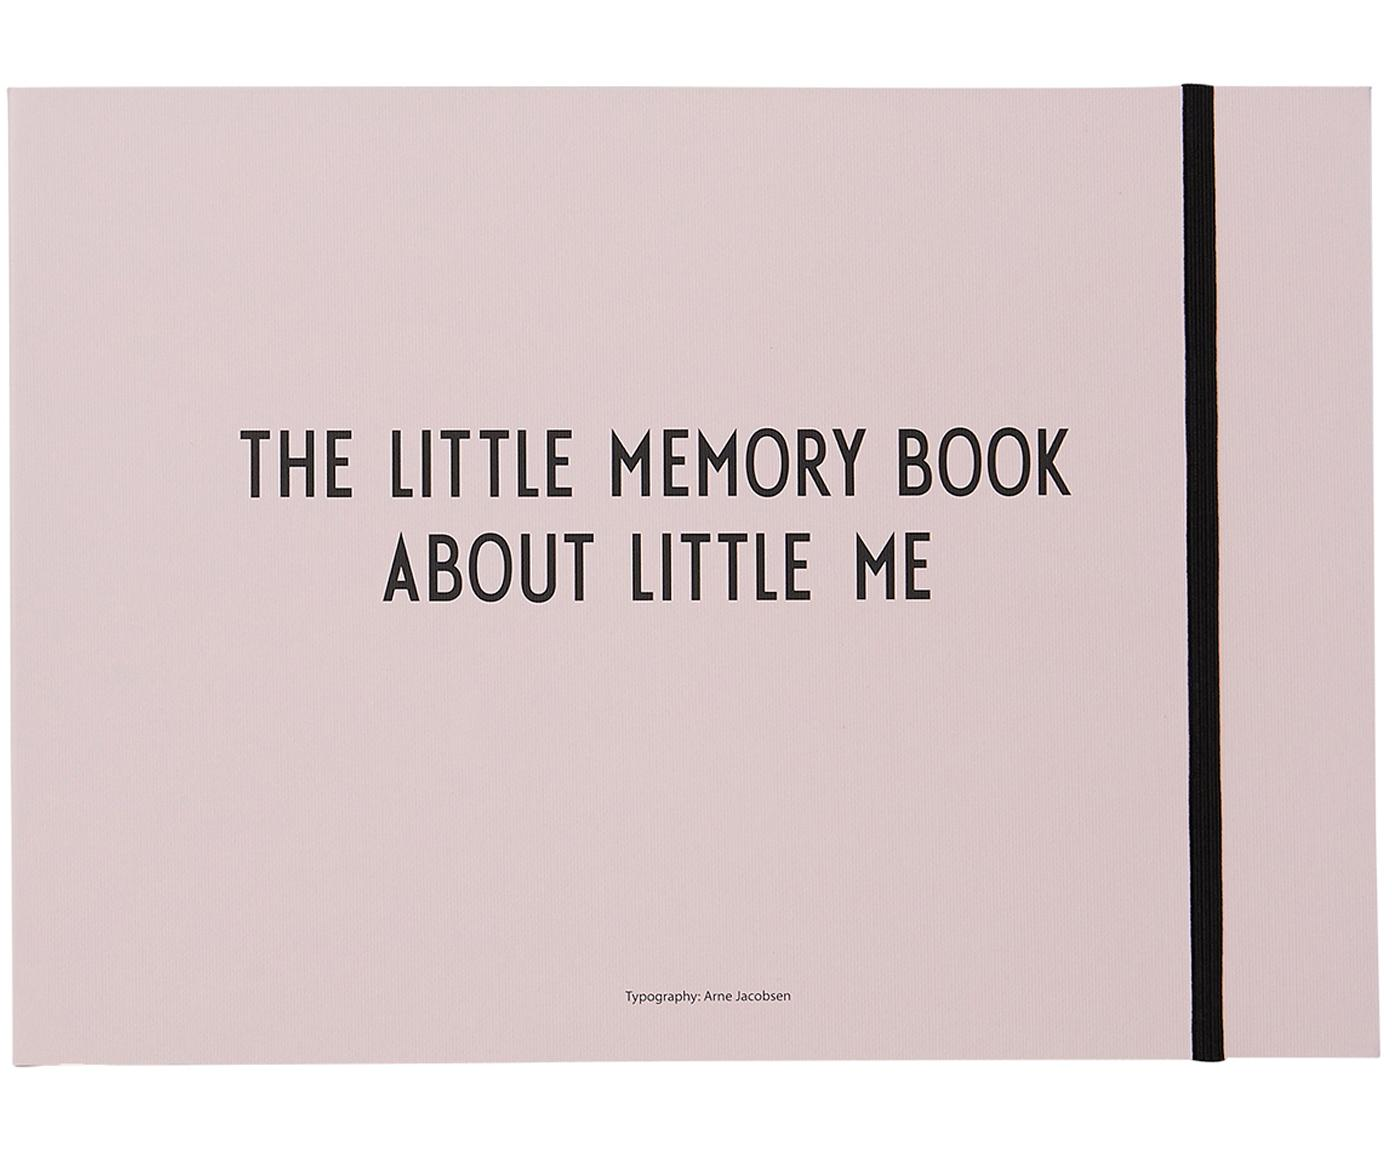 Erinnerungsbuch Little Memory Book, Papier, Rosa, 21 x 30 cm